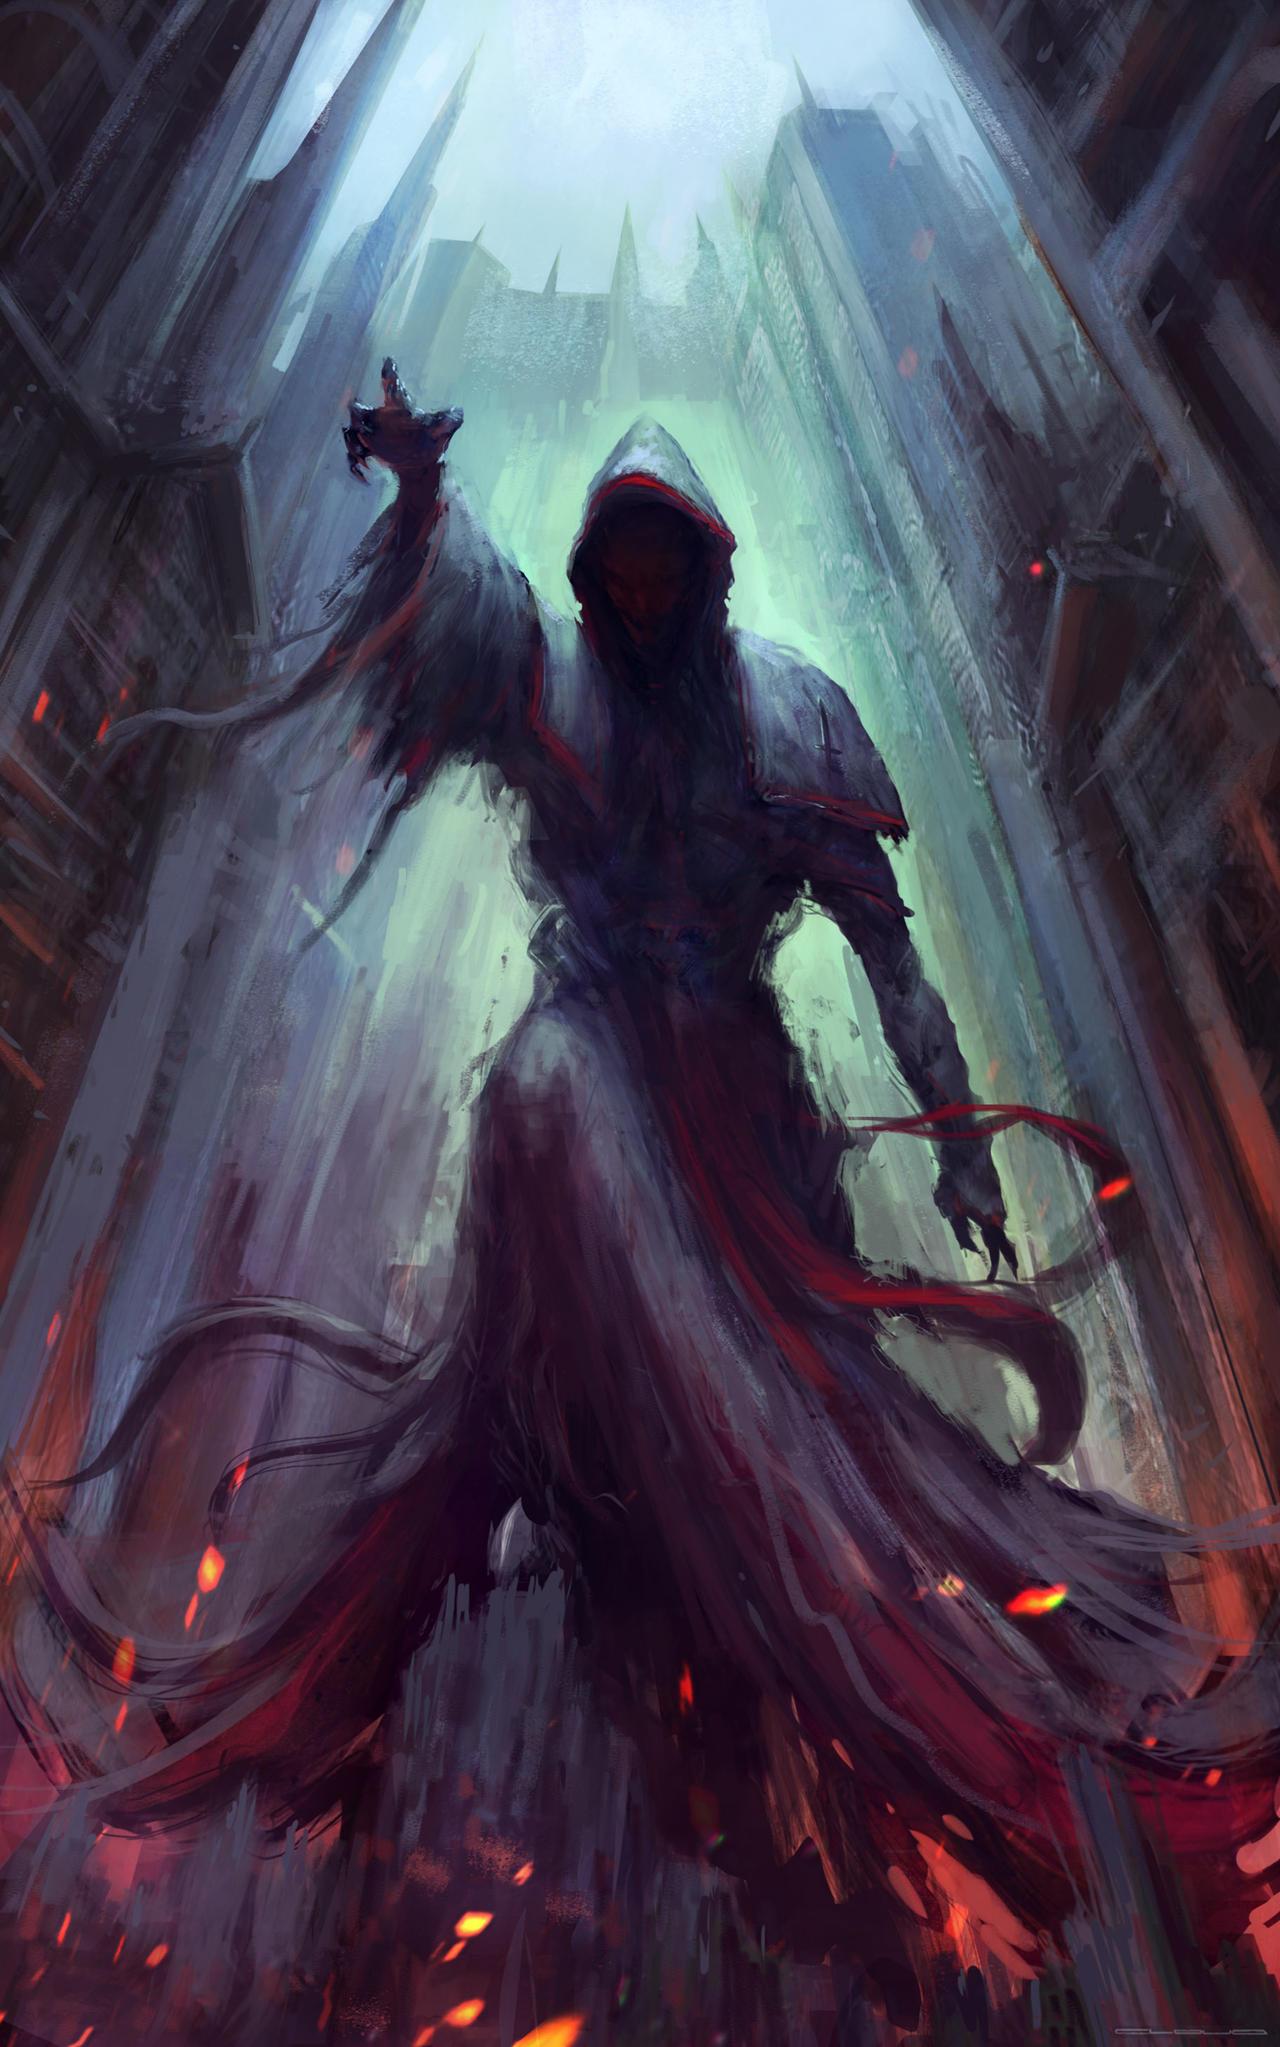 Dark priest by Darkcloud013